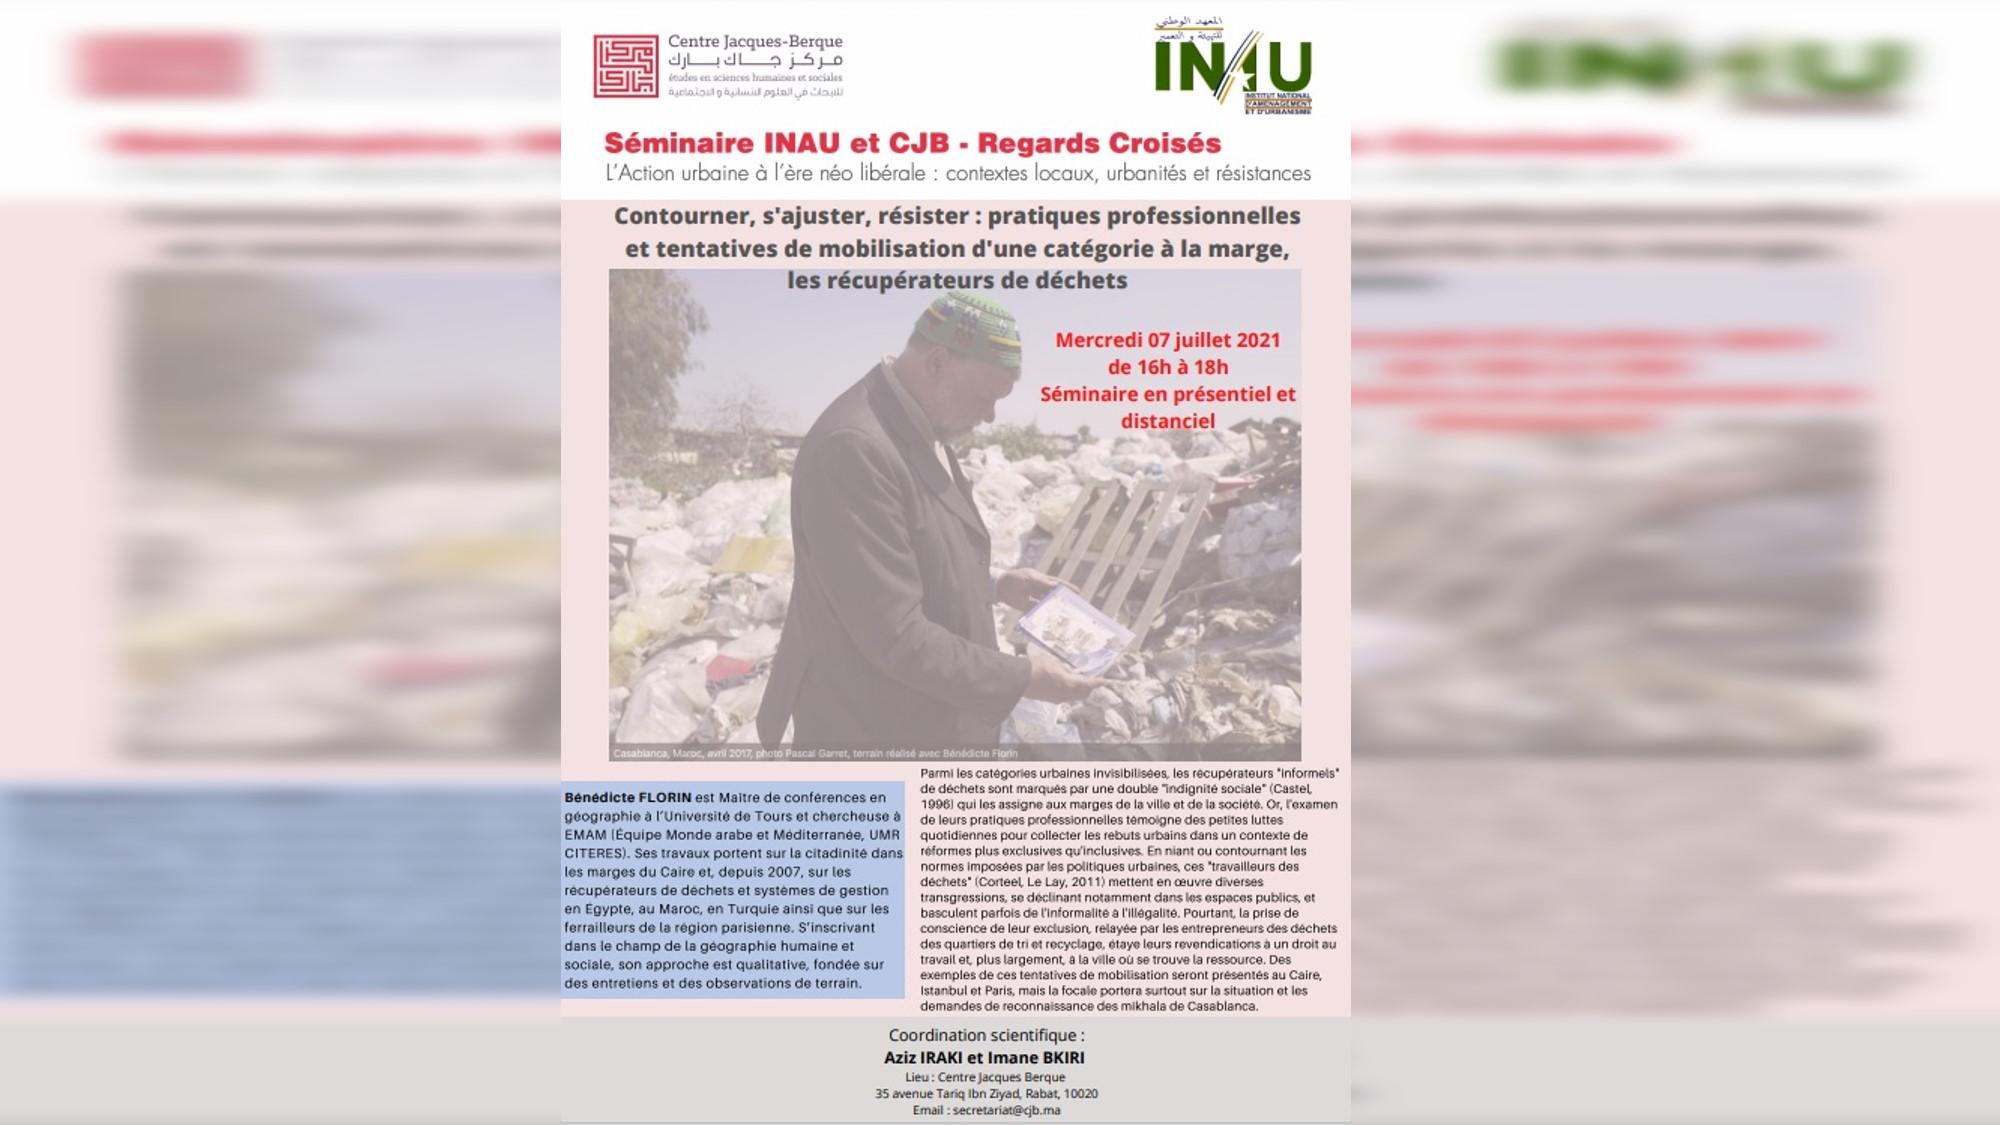 Conférence de Mr Bénédicte FLORIN sur le thème «Contourner, s'ajuster, résister : pratiques professionnelles et tentatives de mobilisation d'une catégorie à la marge, les récupérateurs de déchets»